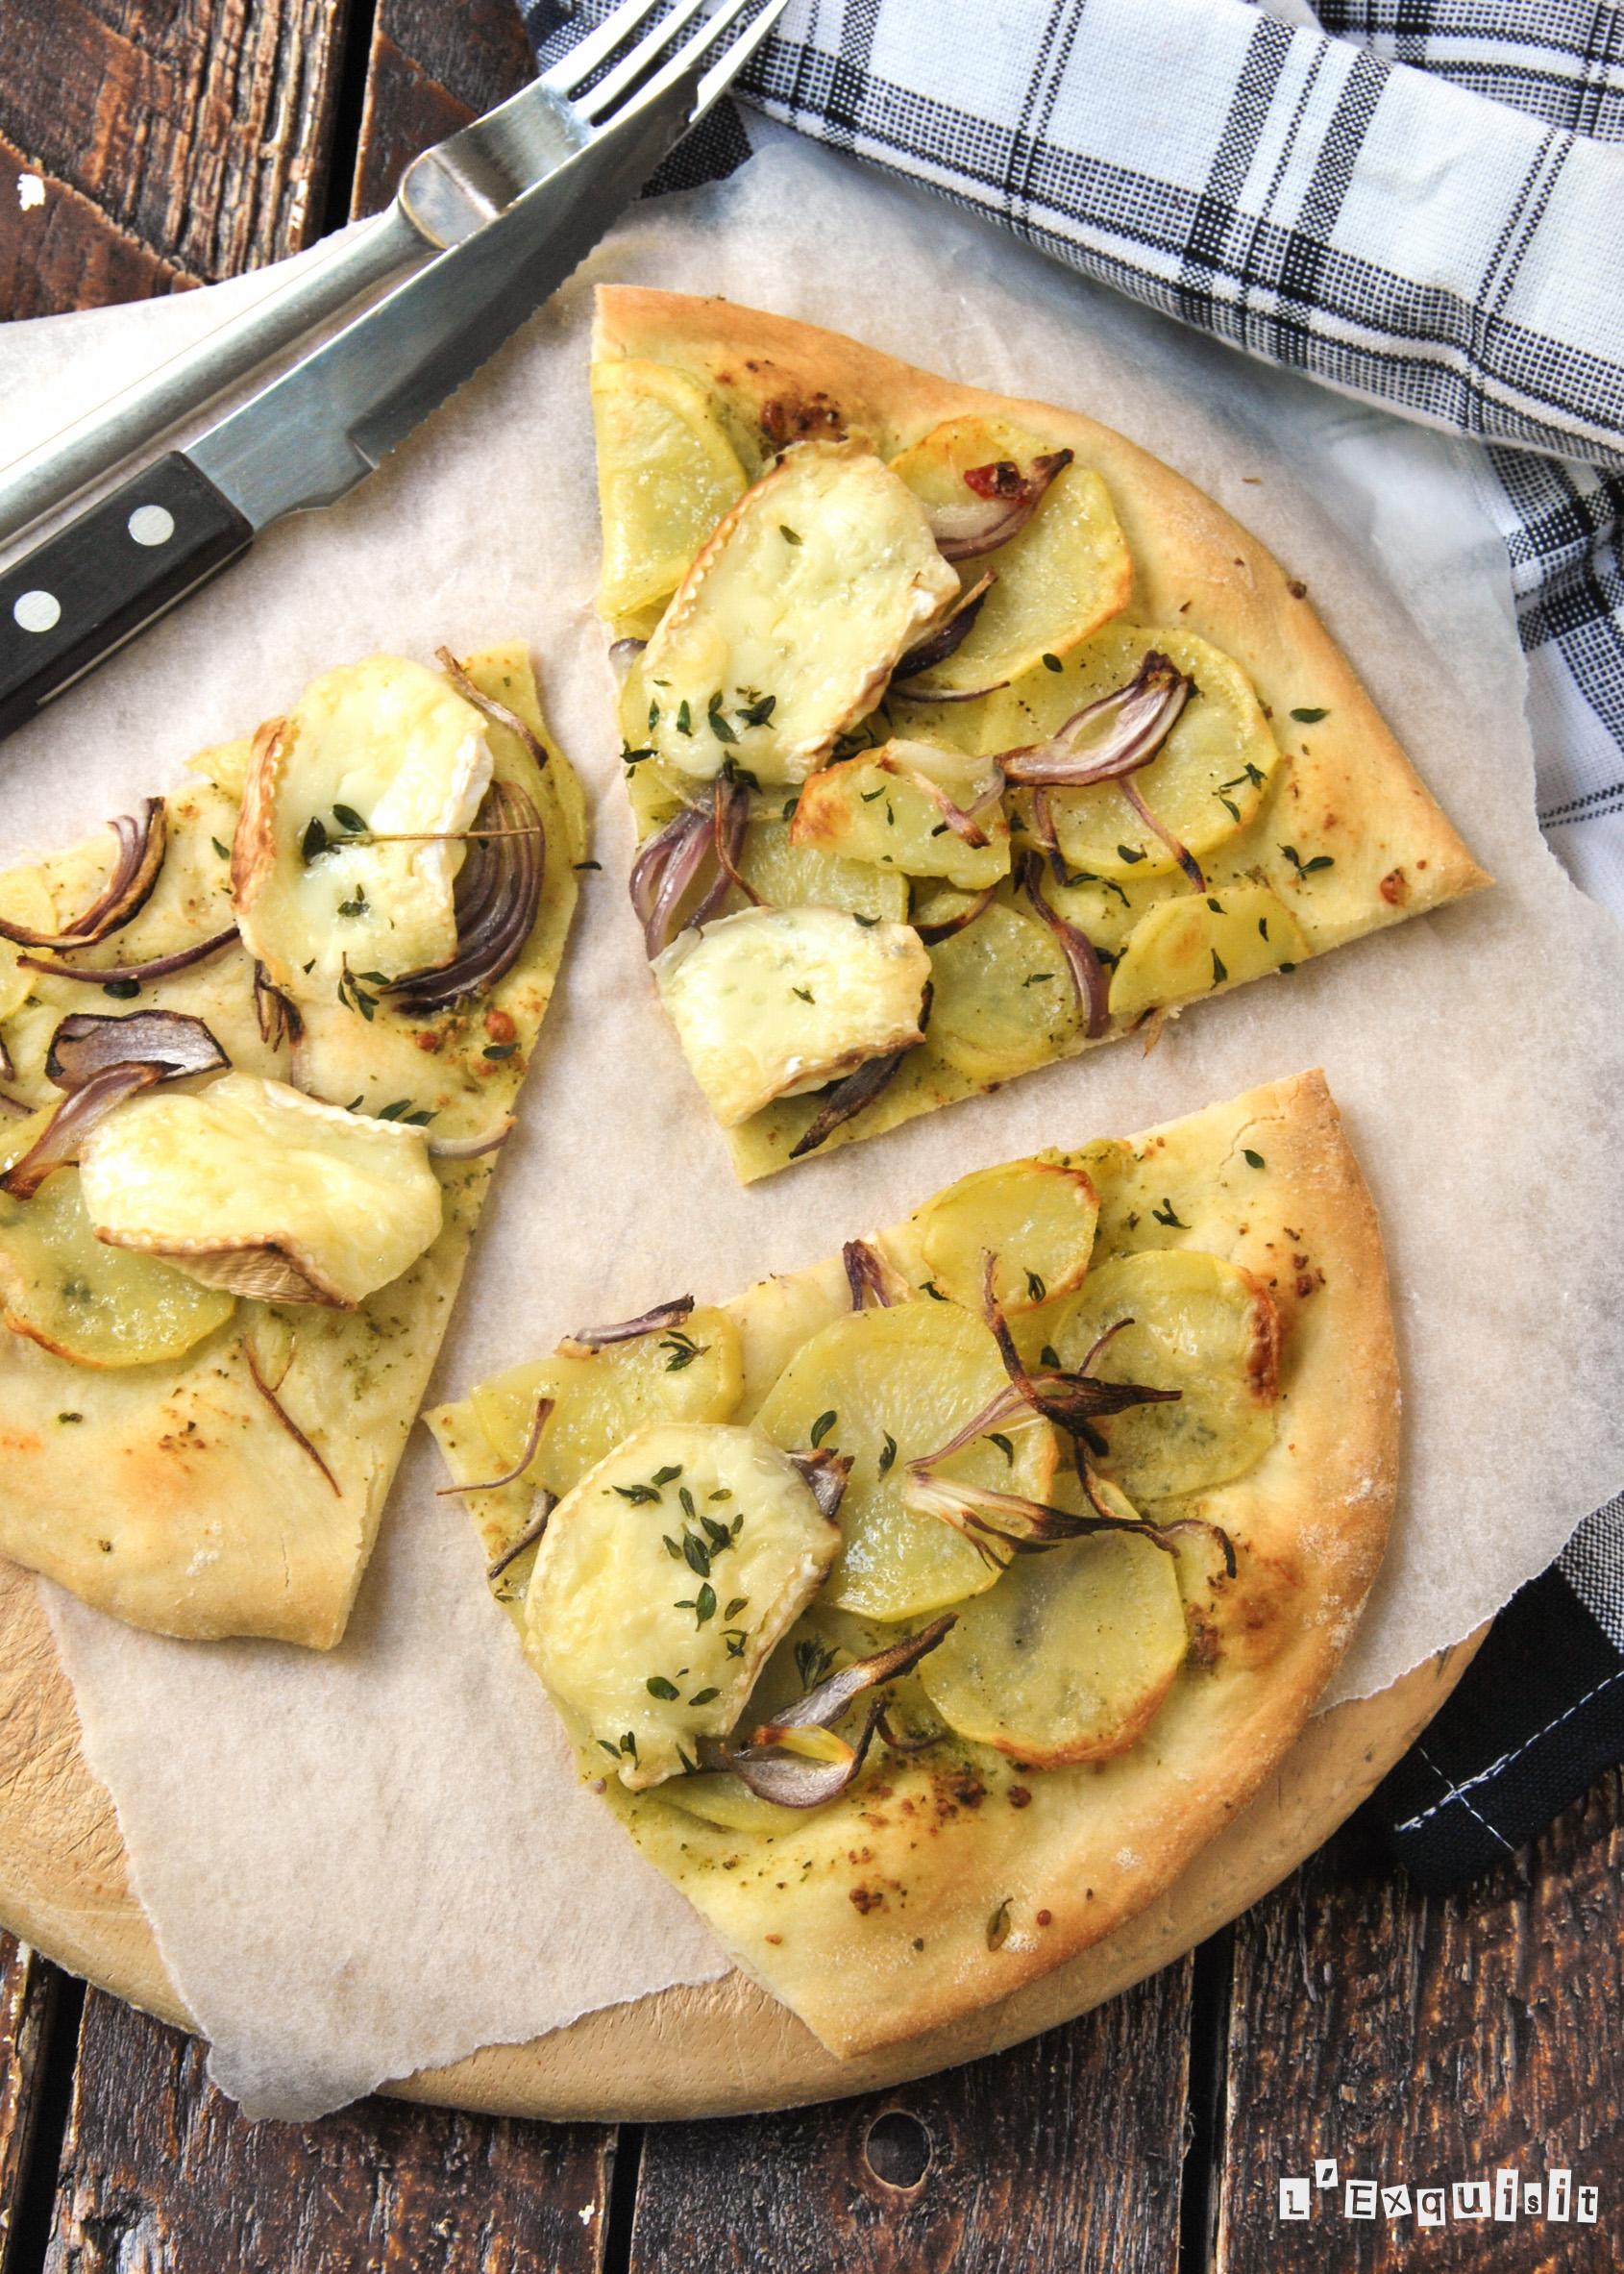 Pizza con patata, brie y tomillo